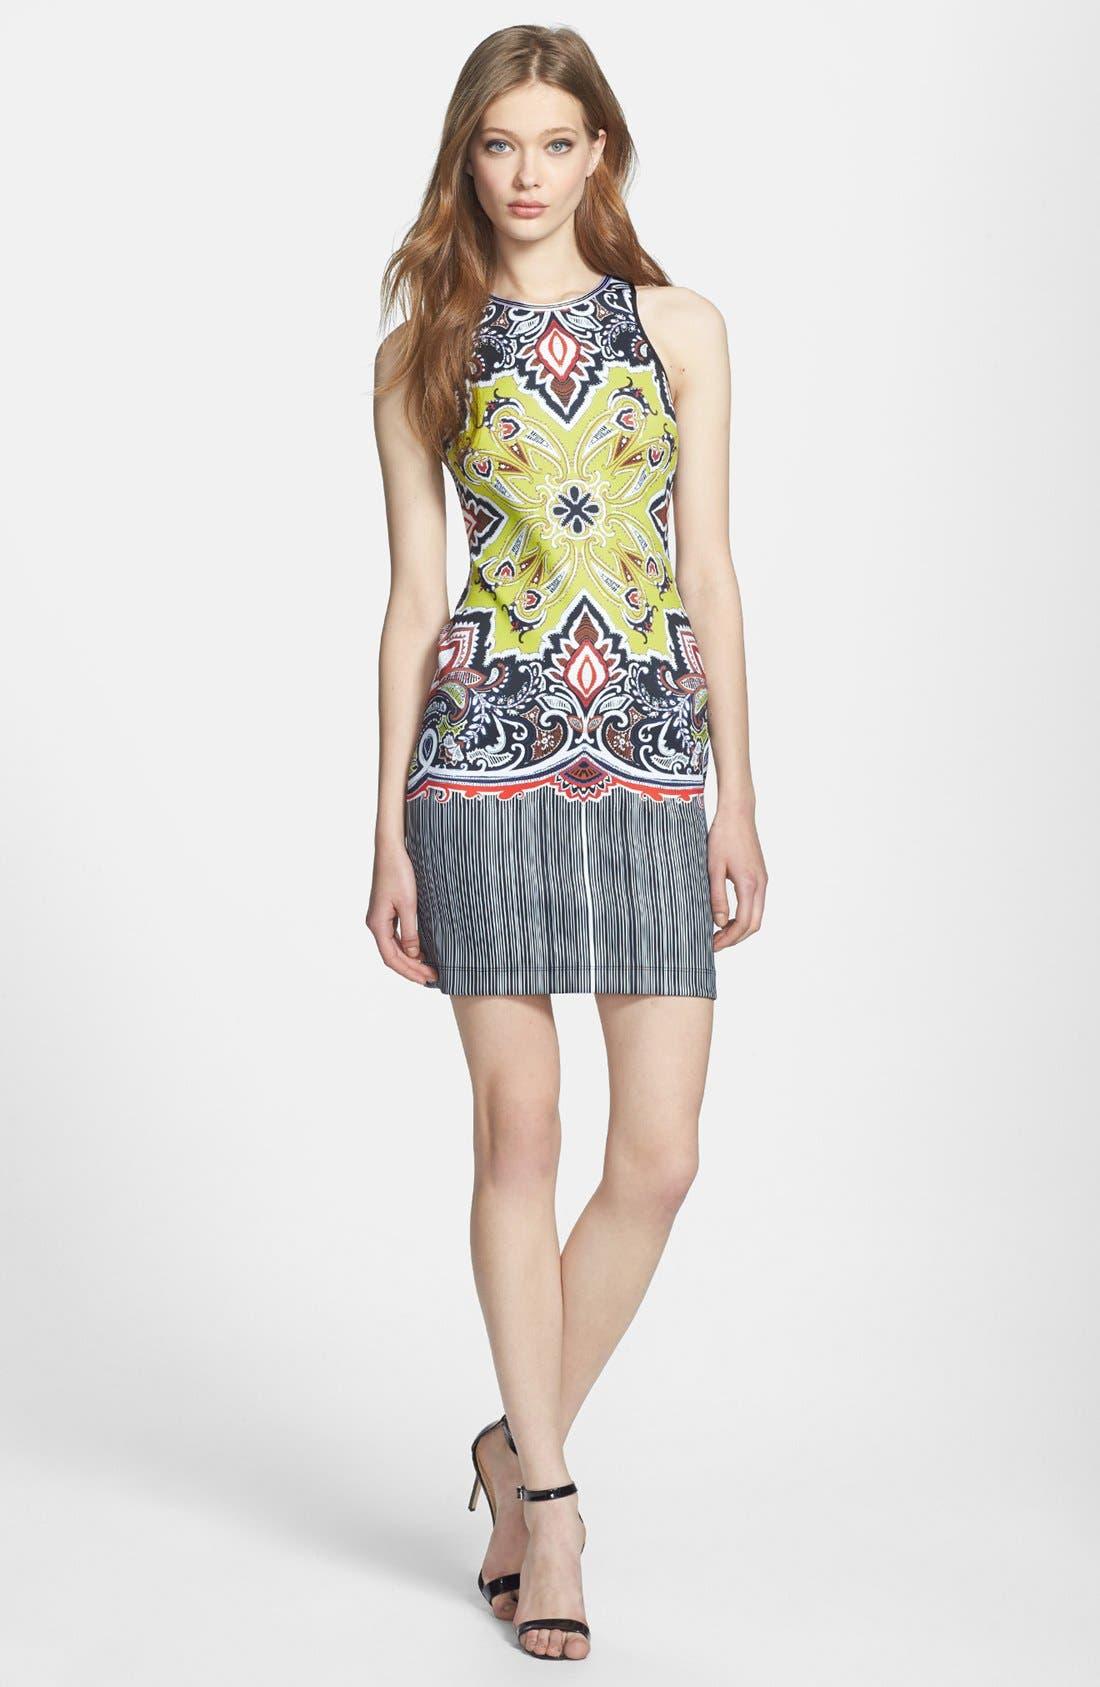 Main Image - Clover Canyon 'Havana' Print Scuba Body-Con Dress